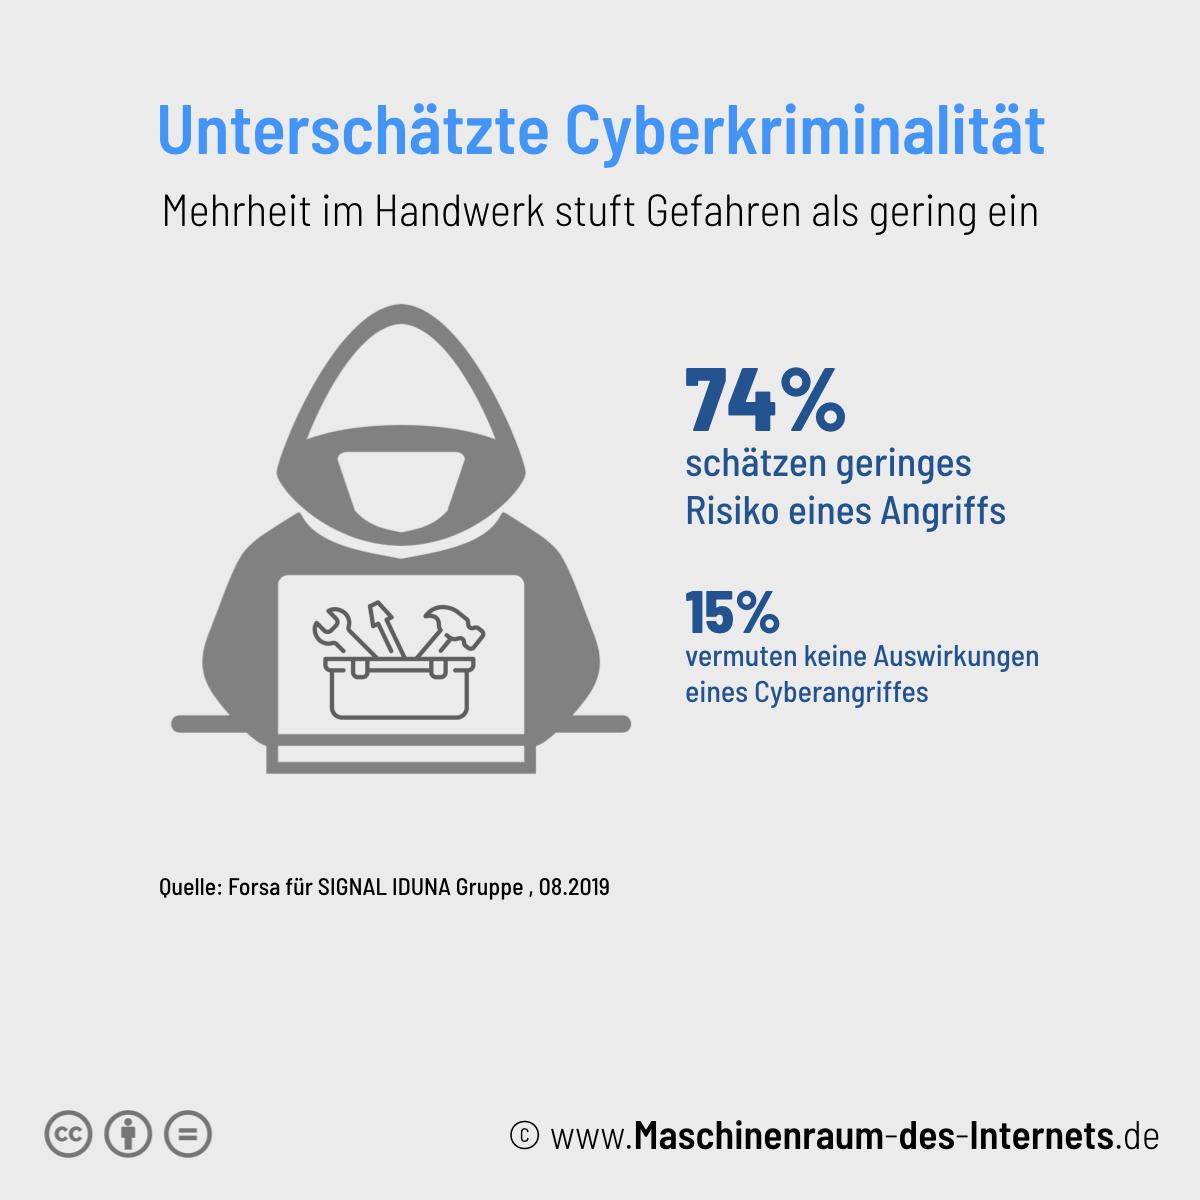 Maschinenraum des Internets ++ Handwerk unterschätzt Cyberkriminalität 2019